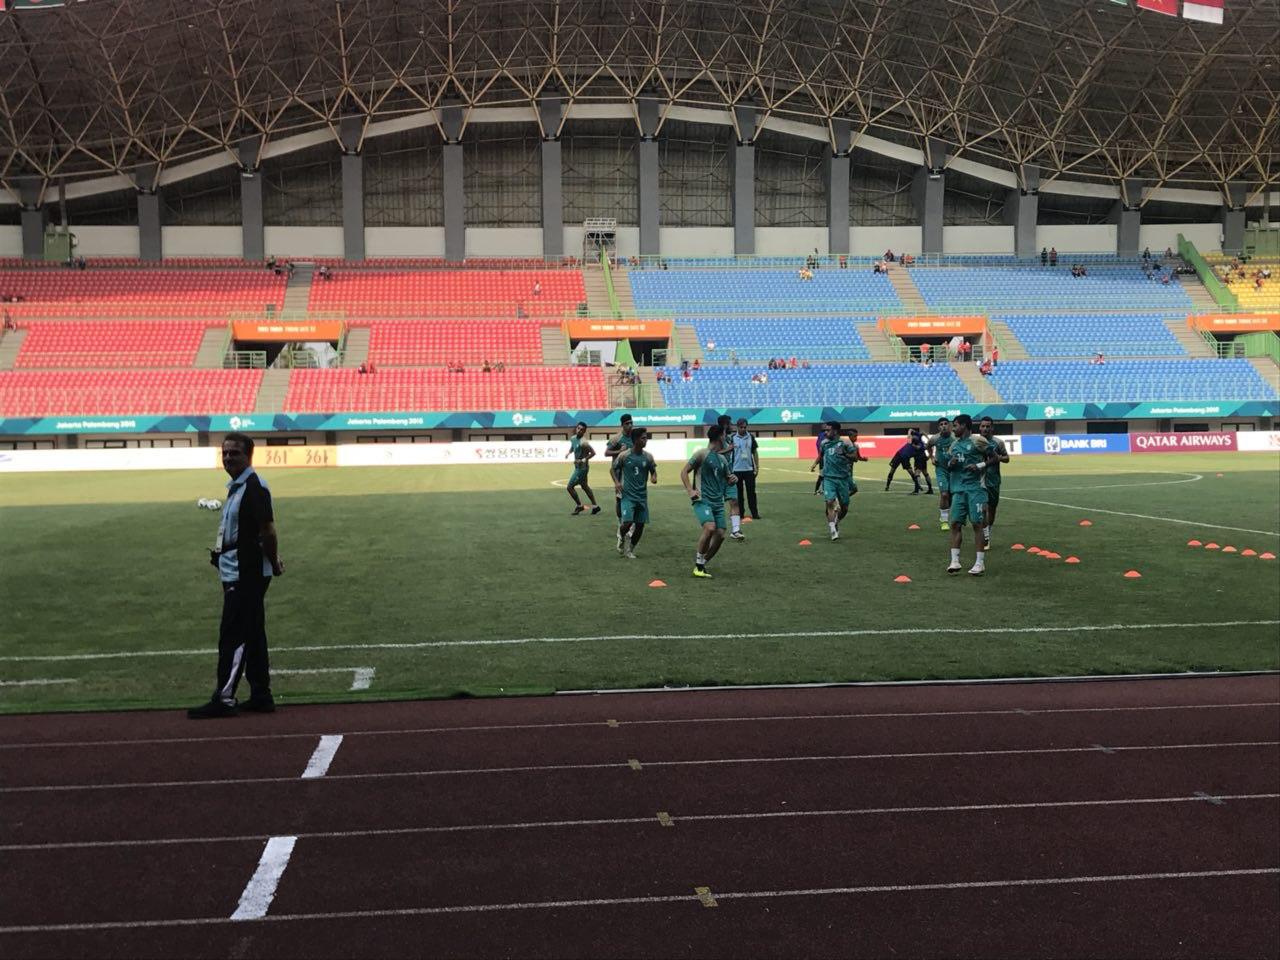 تیم ملی فوتبال امید ایران ۰ - ۰ میانمار / گزارش لحظه به لحظه مسابقه